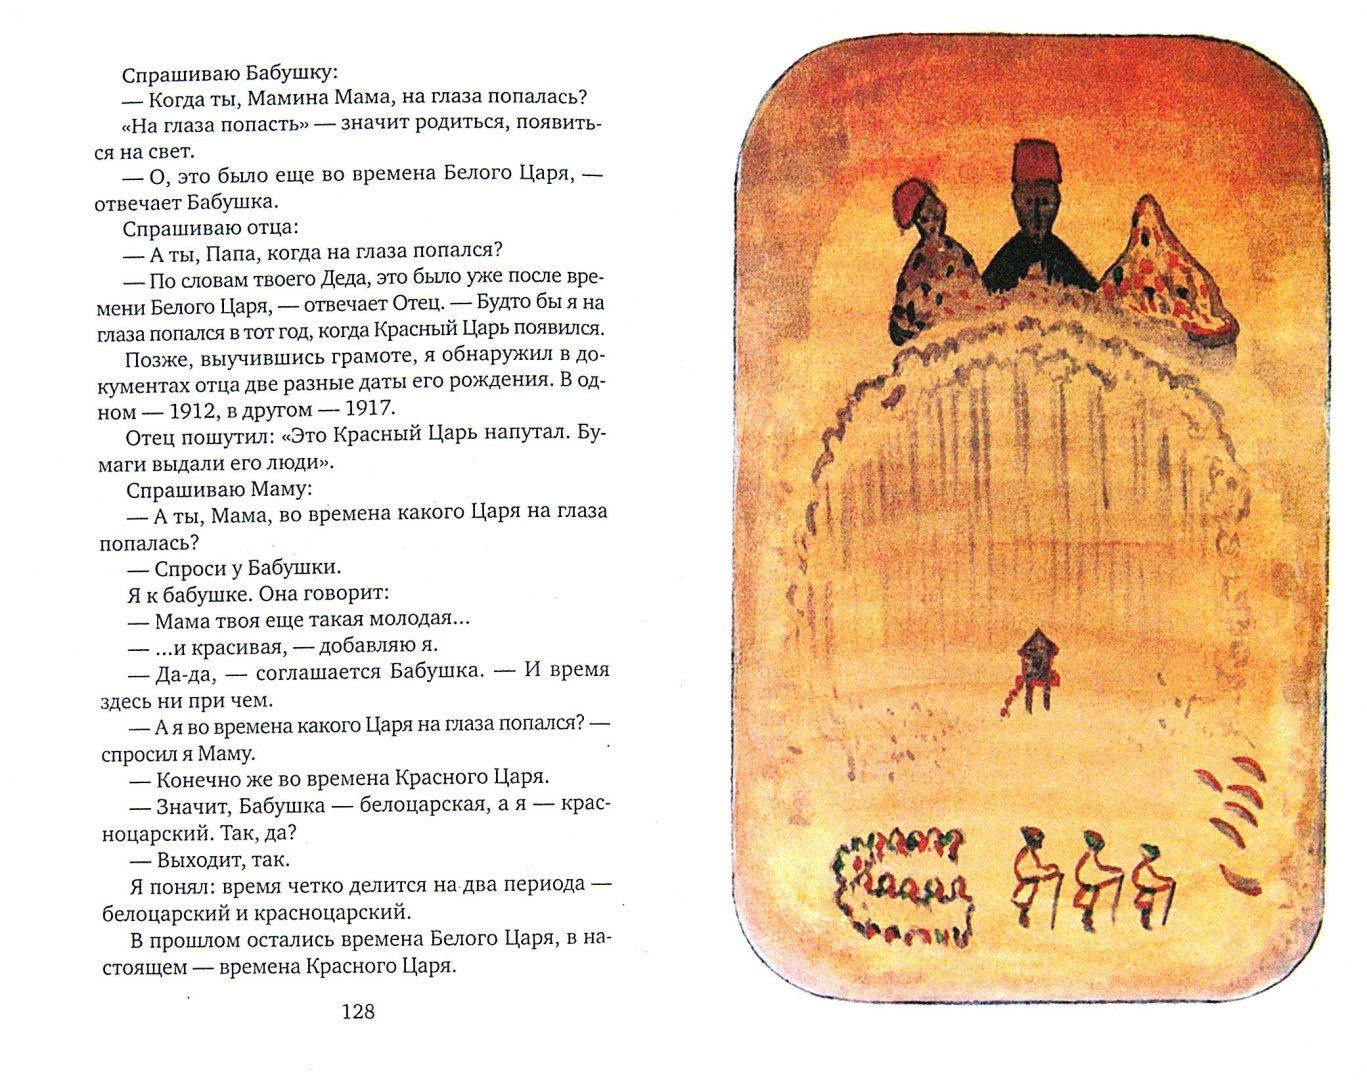 Иллюстрация 1 из 4 для Собрание сочинений в 4-х томах. Том 1. У гаснущего очага - Еремей Айпин   Лабиринт - книги. Источник: Лабиринт